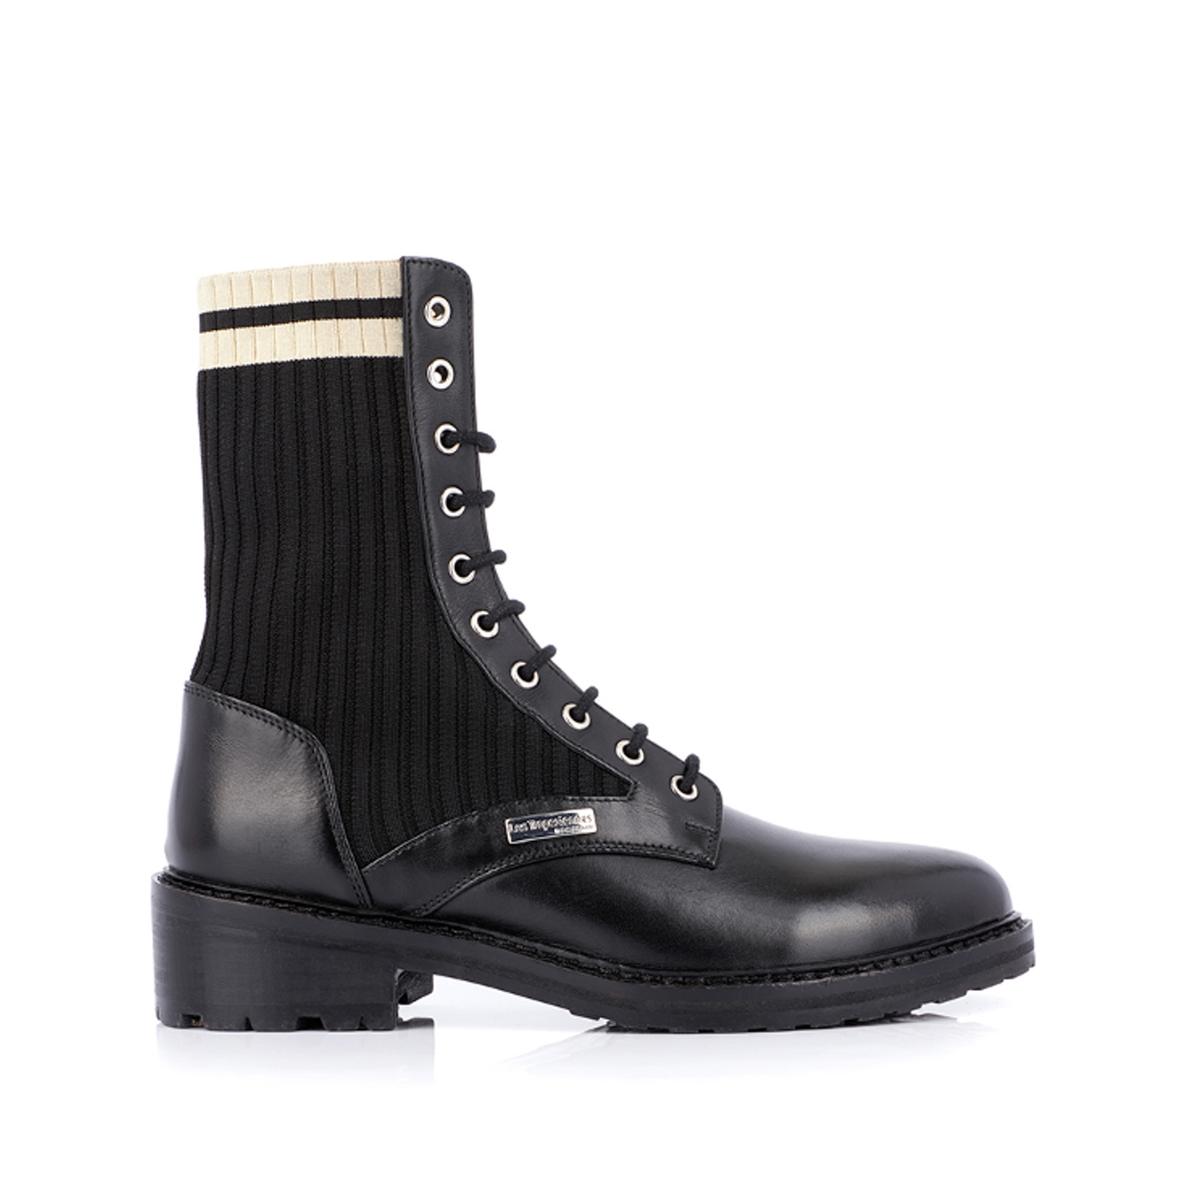 Ботинки La Redoute Из кожи Zina 39 черный